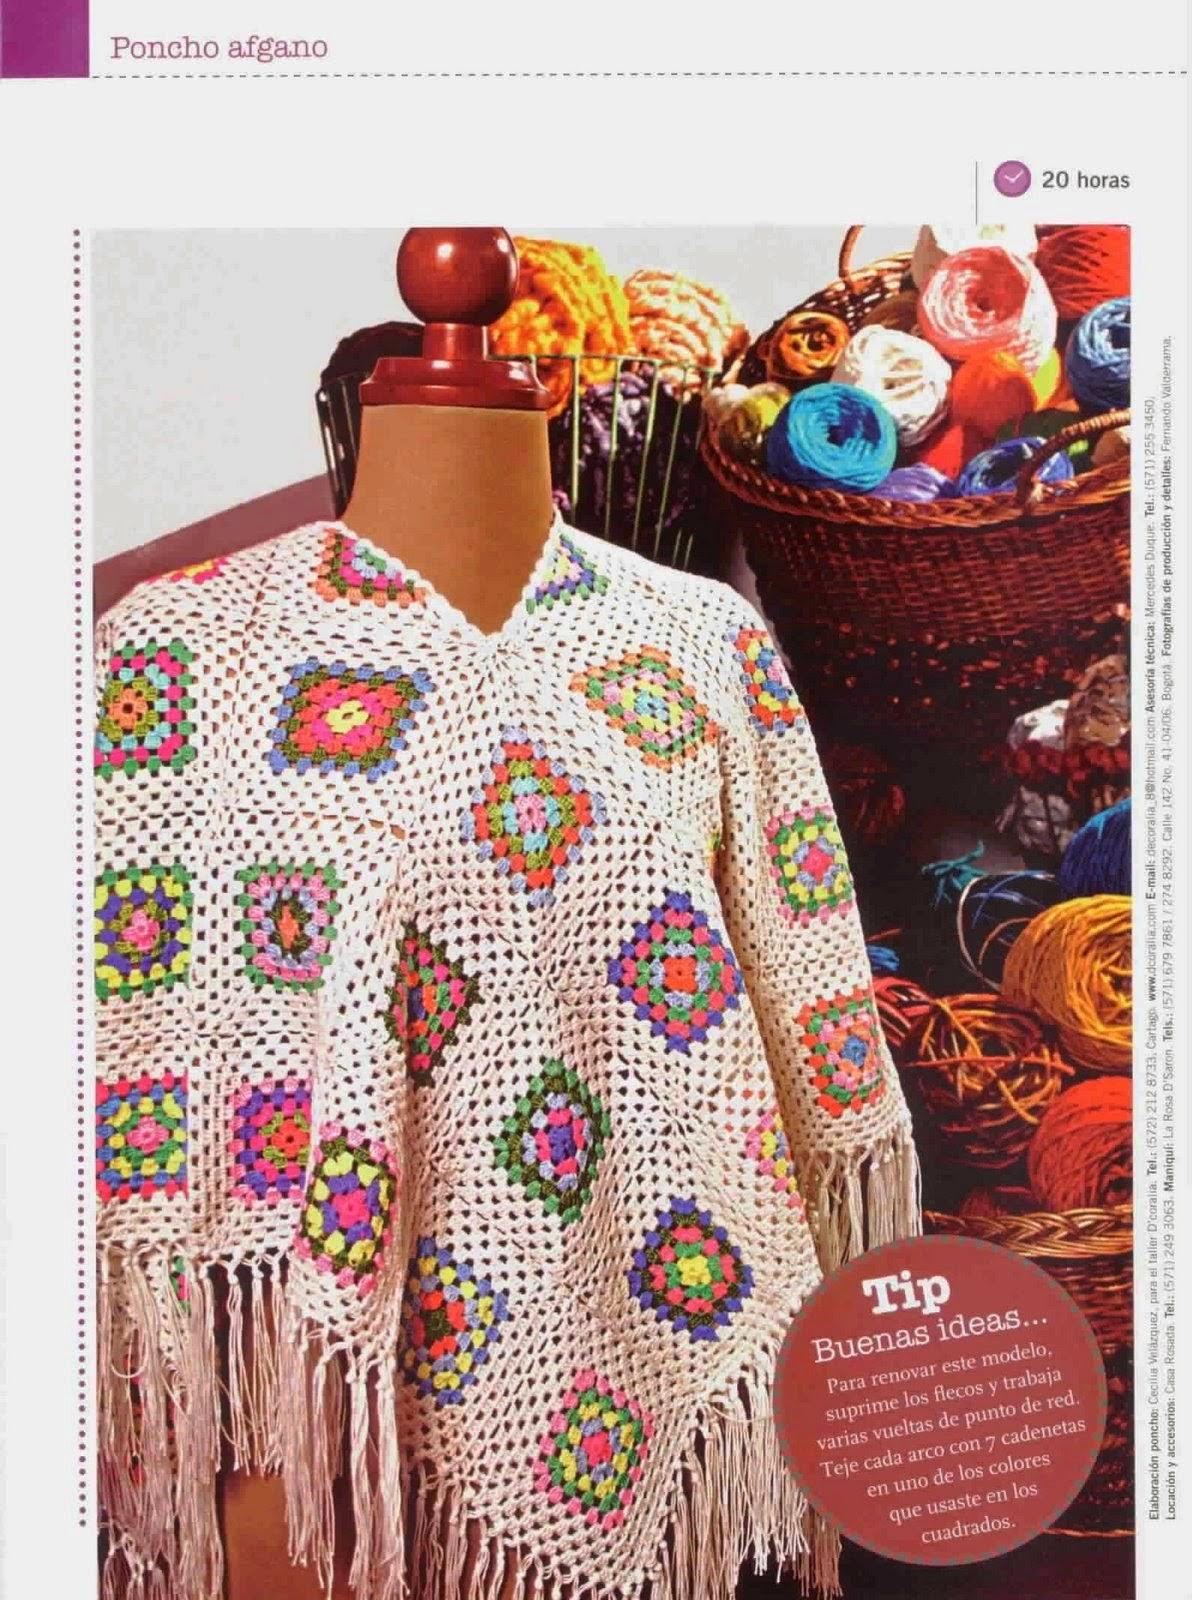 Patrones de Poncho afgano al crochet